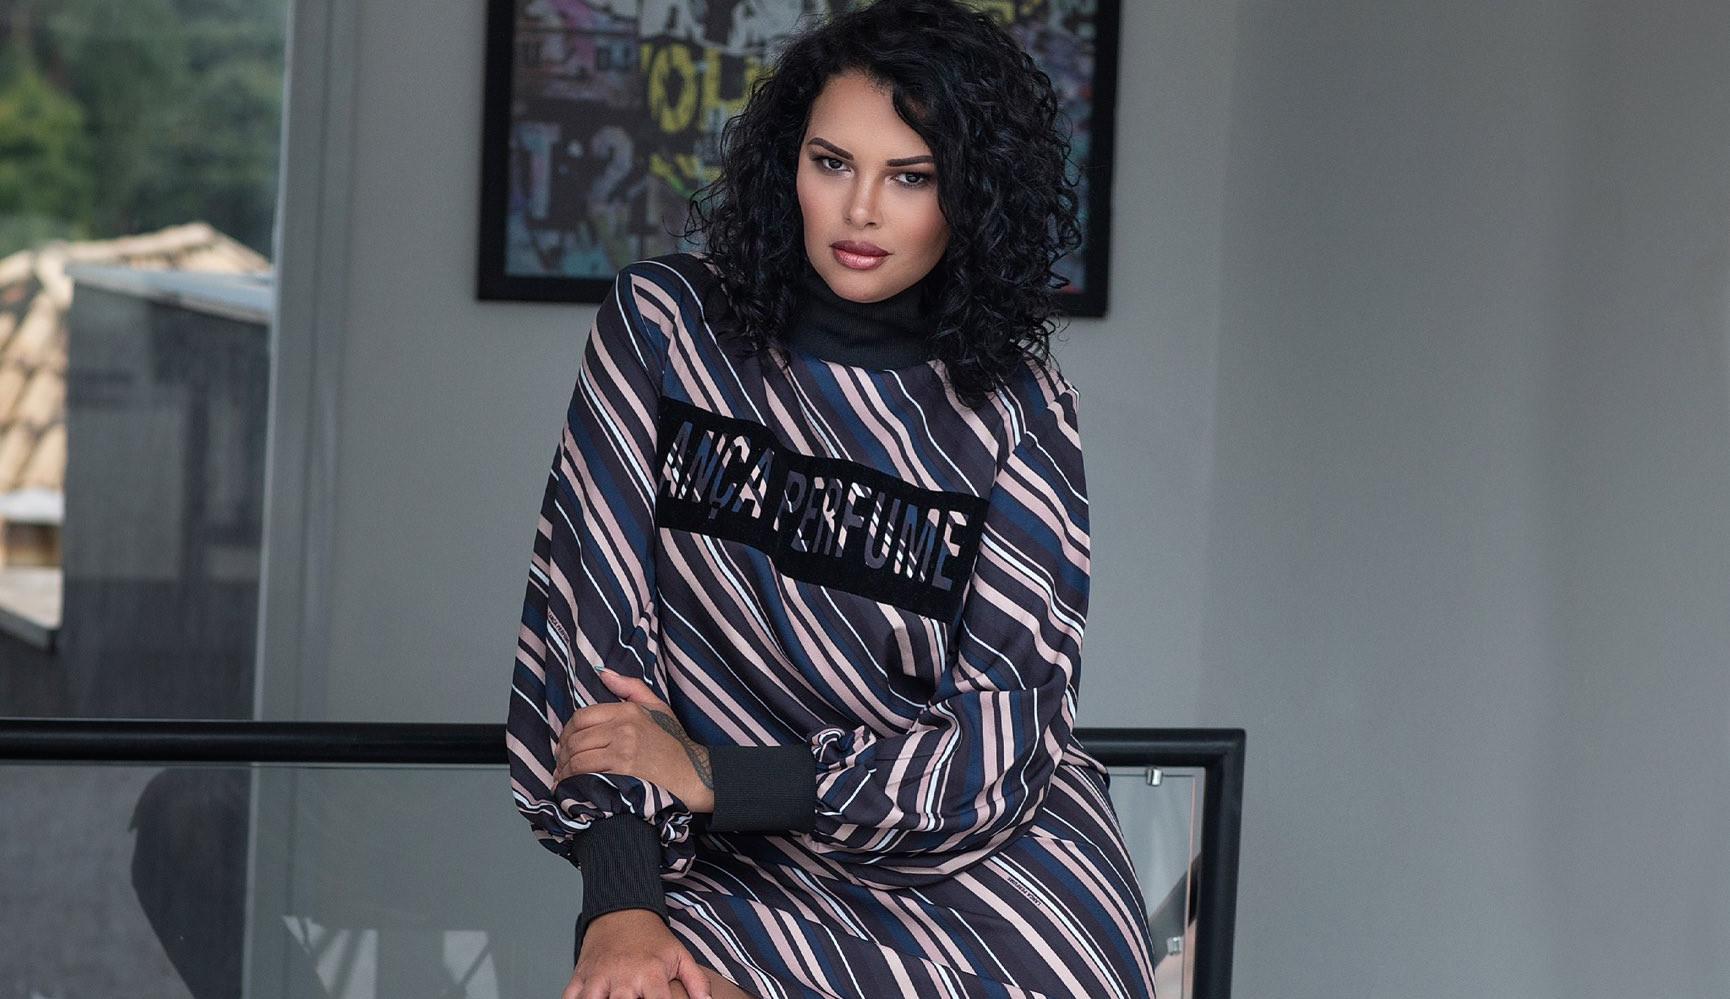 """Ariadna, ex No Limite, diz ter medo de sofrer violência transfóbica: """"ser famosa não facilita"""""""